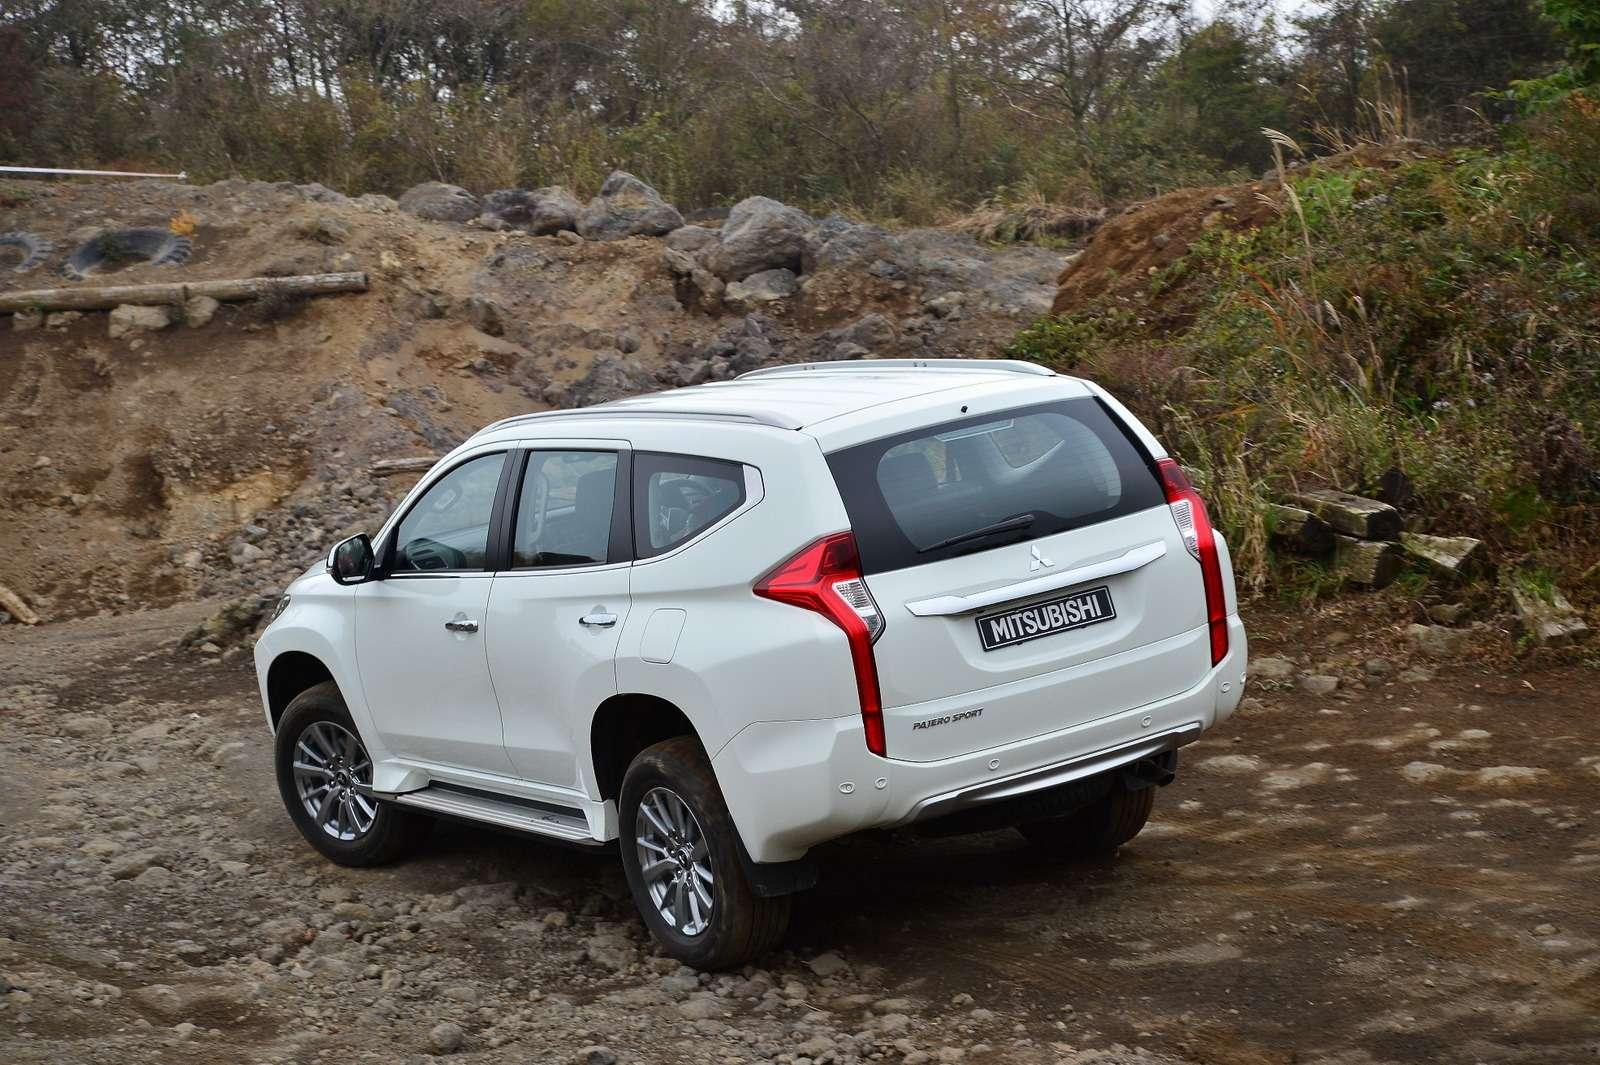 Mitsubishi Pajero Sport new_2